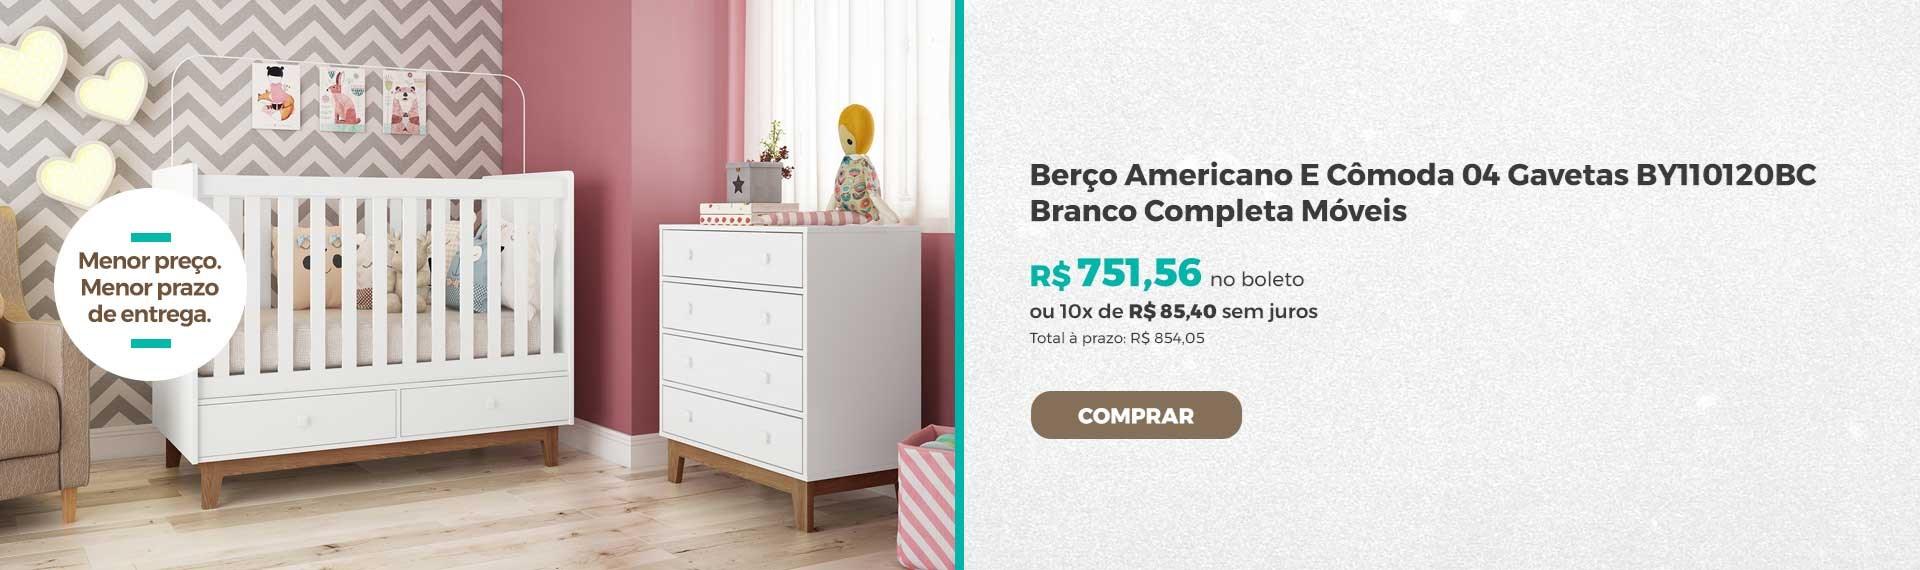 Berço Americano E Cômoda 04 Gavetas BY110120BC